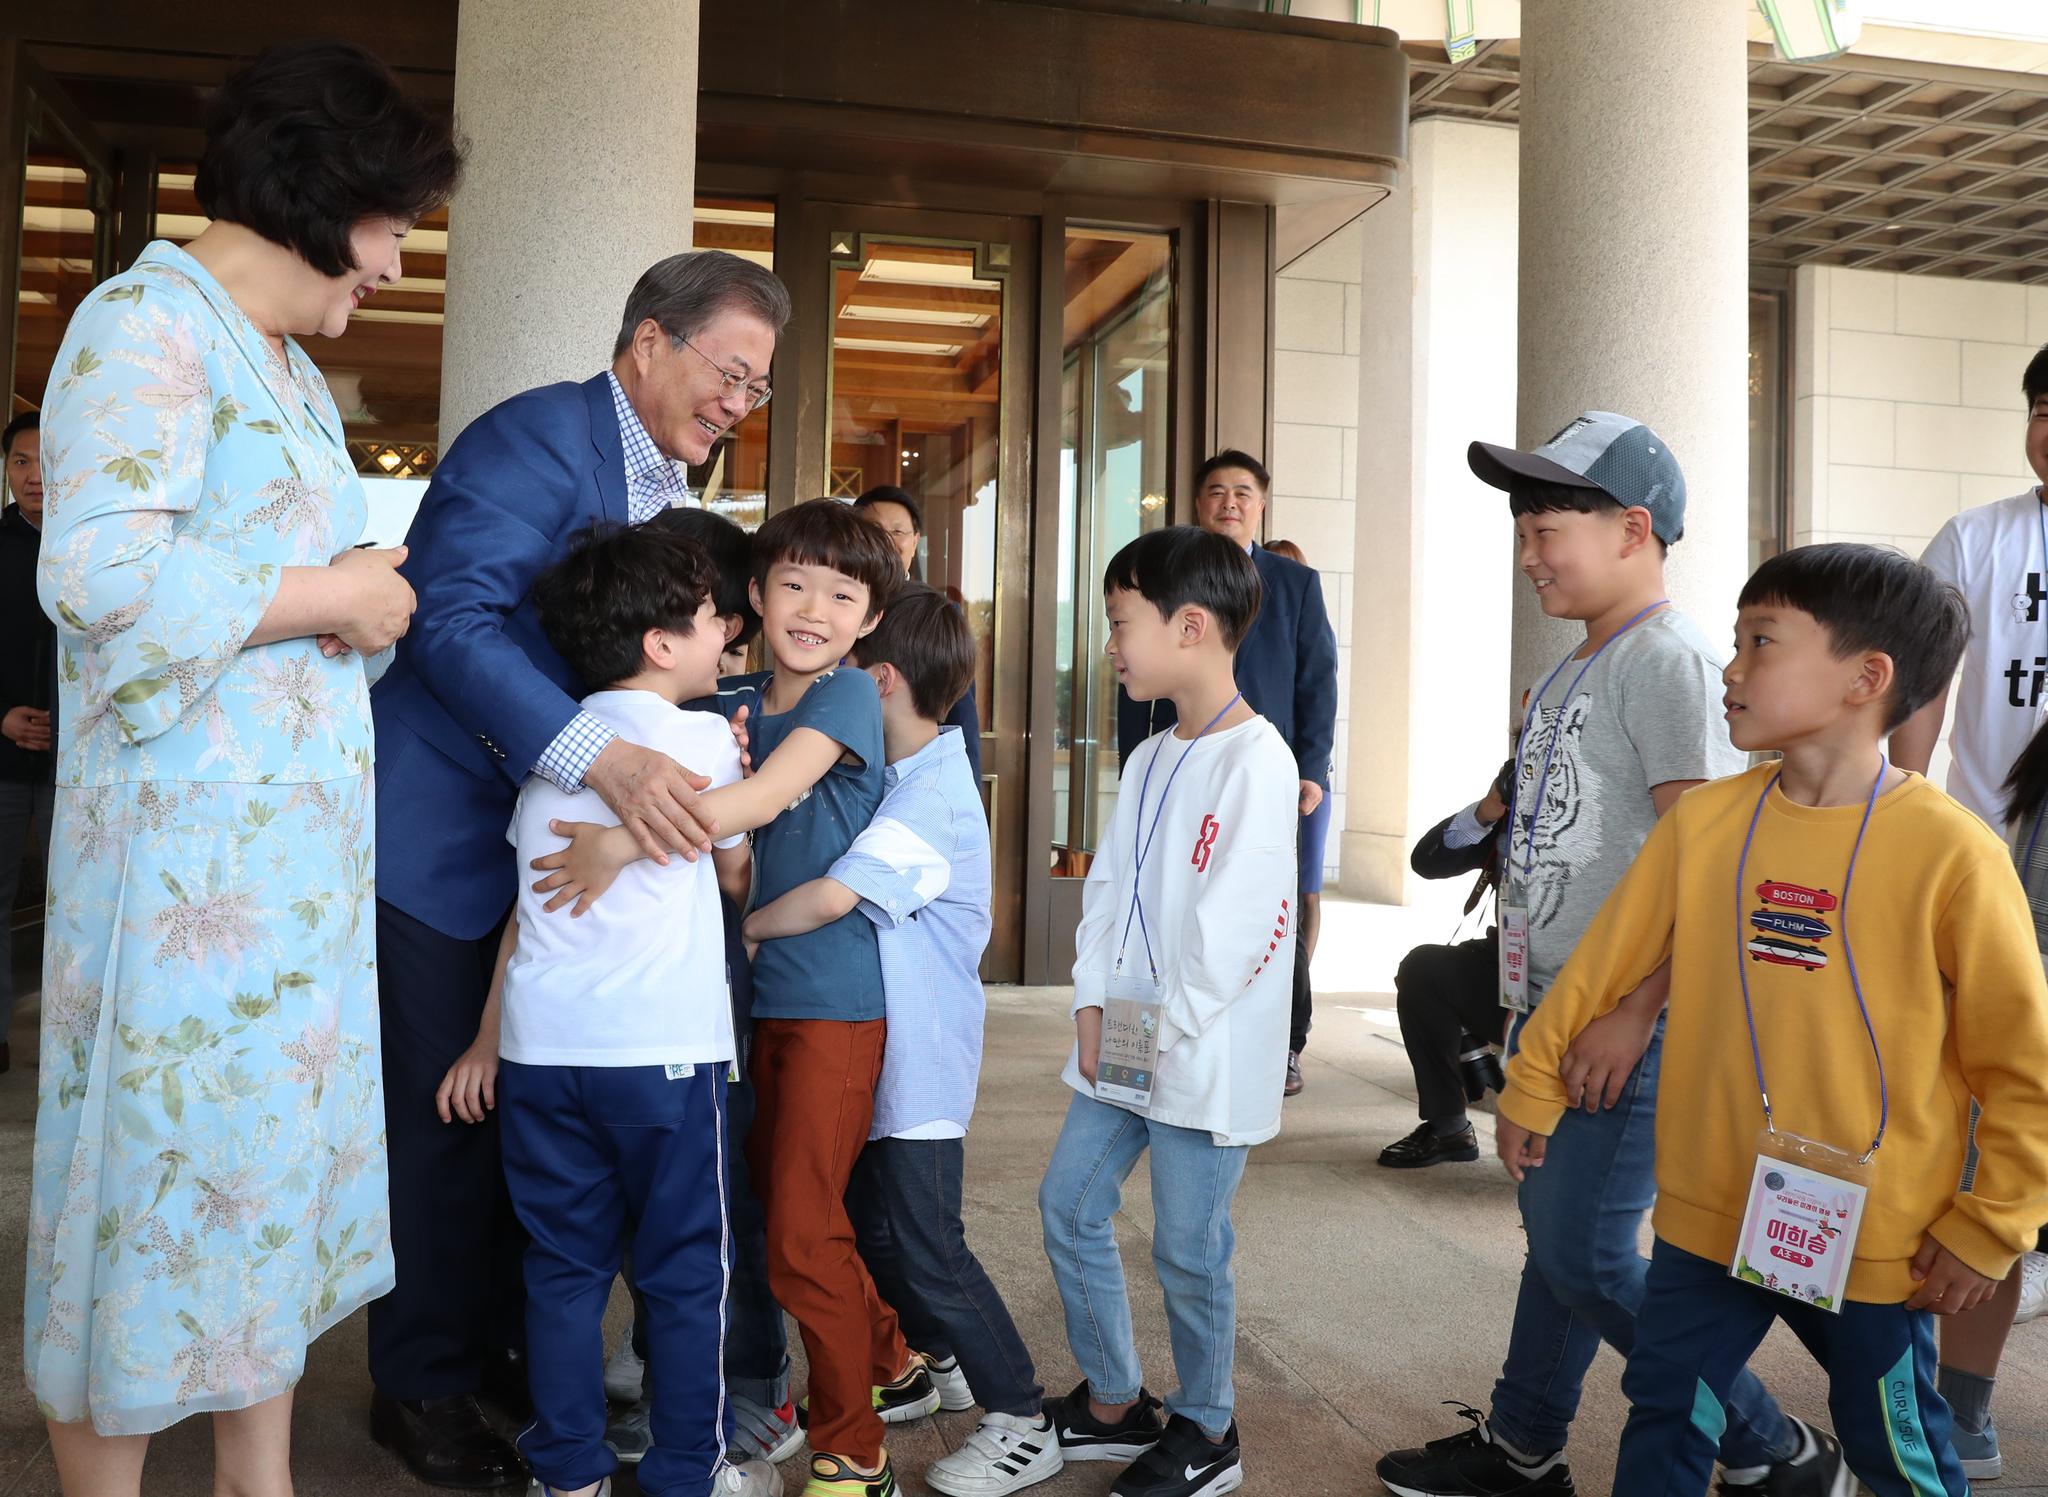 문재인 대통령과 부인 김정숙 여사가 5일 본관 앞에서 어린이들과 인사하고 있다. 청와대사진기자단